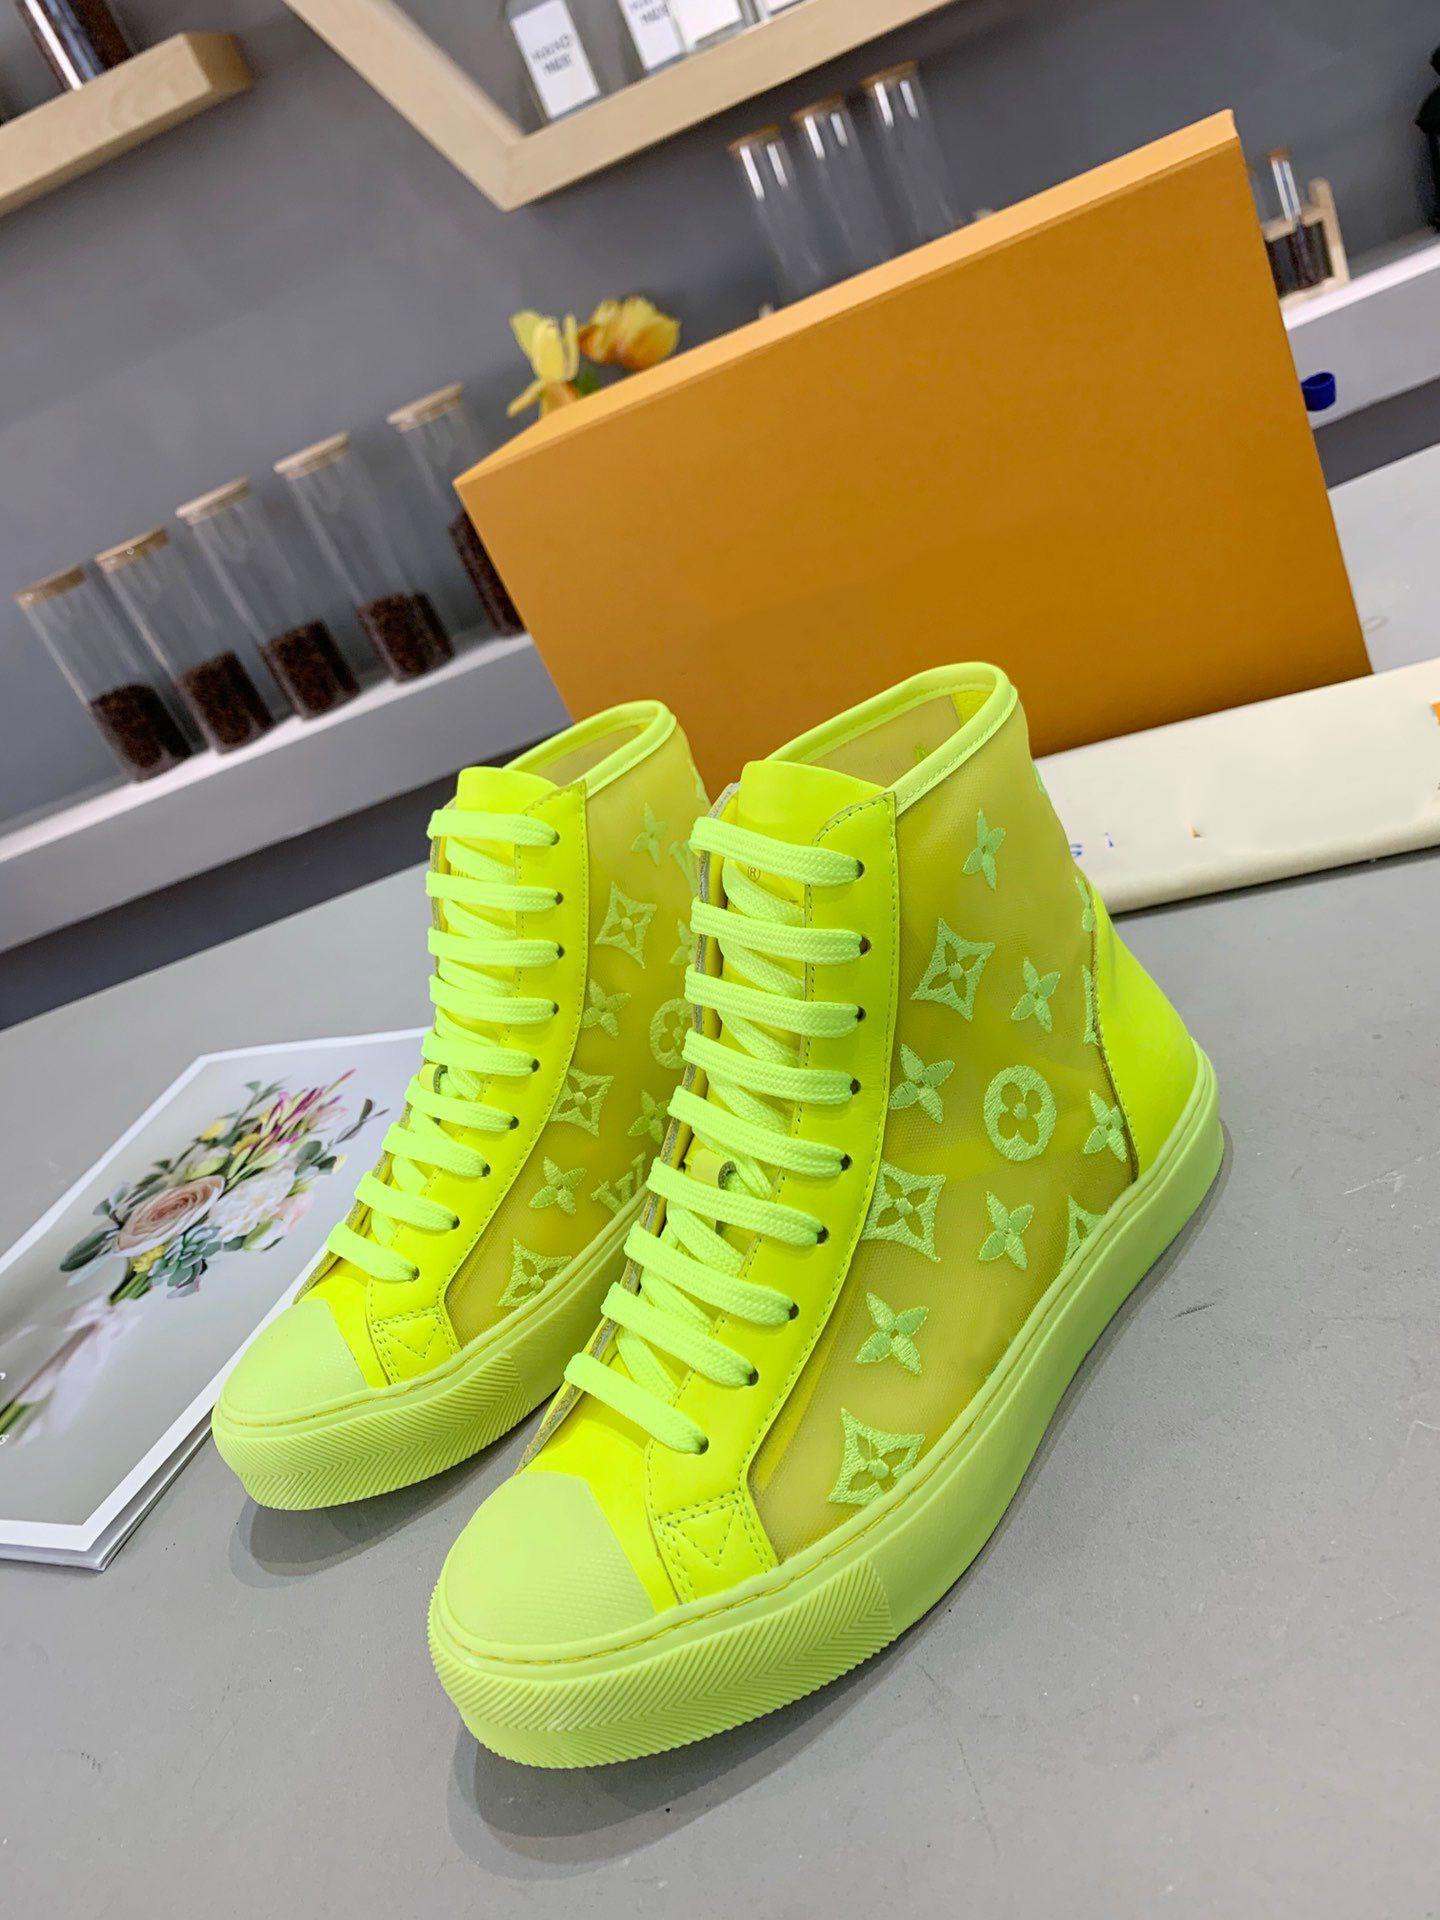 2020 do New Men velocidade Sneakers Moda de Luxo Homens Sneakers de alta qualidade barato Lace Casual Frame Size 35-45 mn03S1